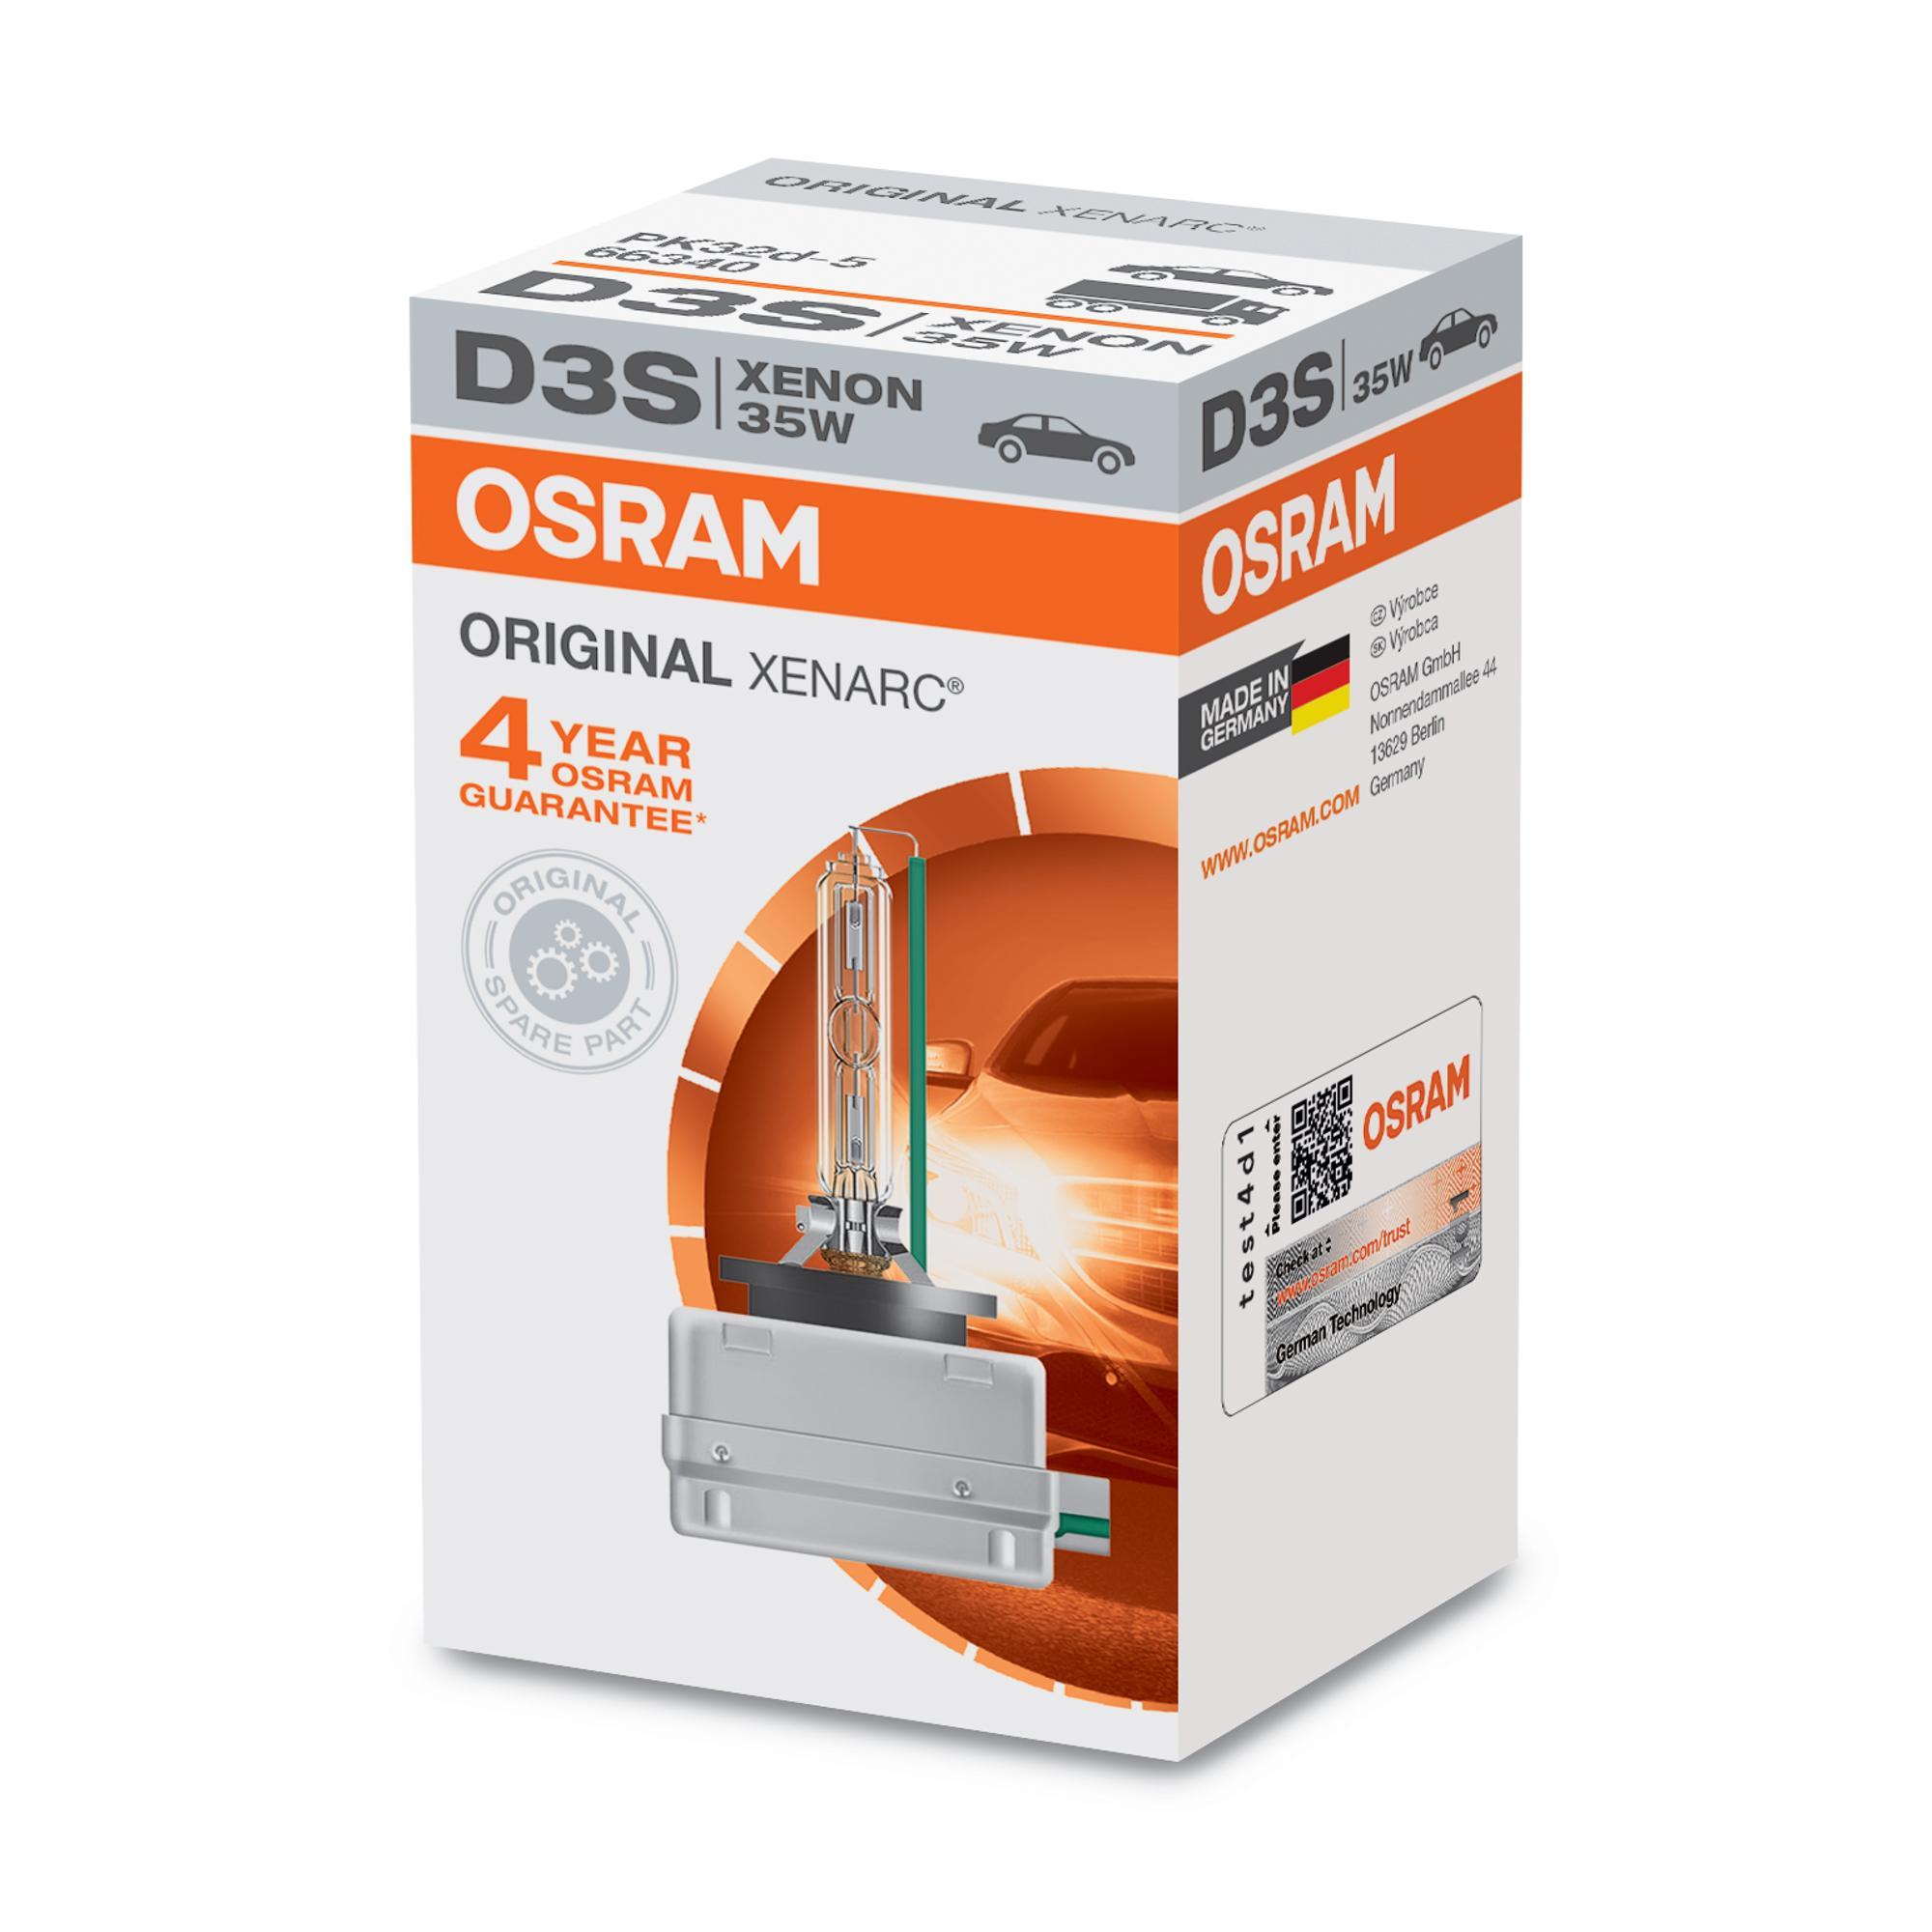 Køb D3S OSRAM XENARC ORIGINAL 35w, D3S (gasudladningspærer), 42V Pære, fjernlys 66340 billige